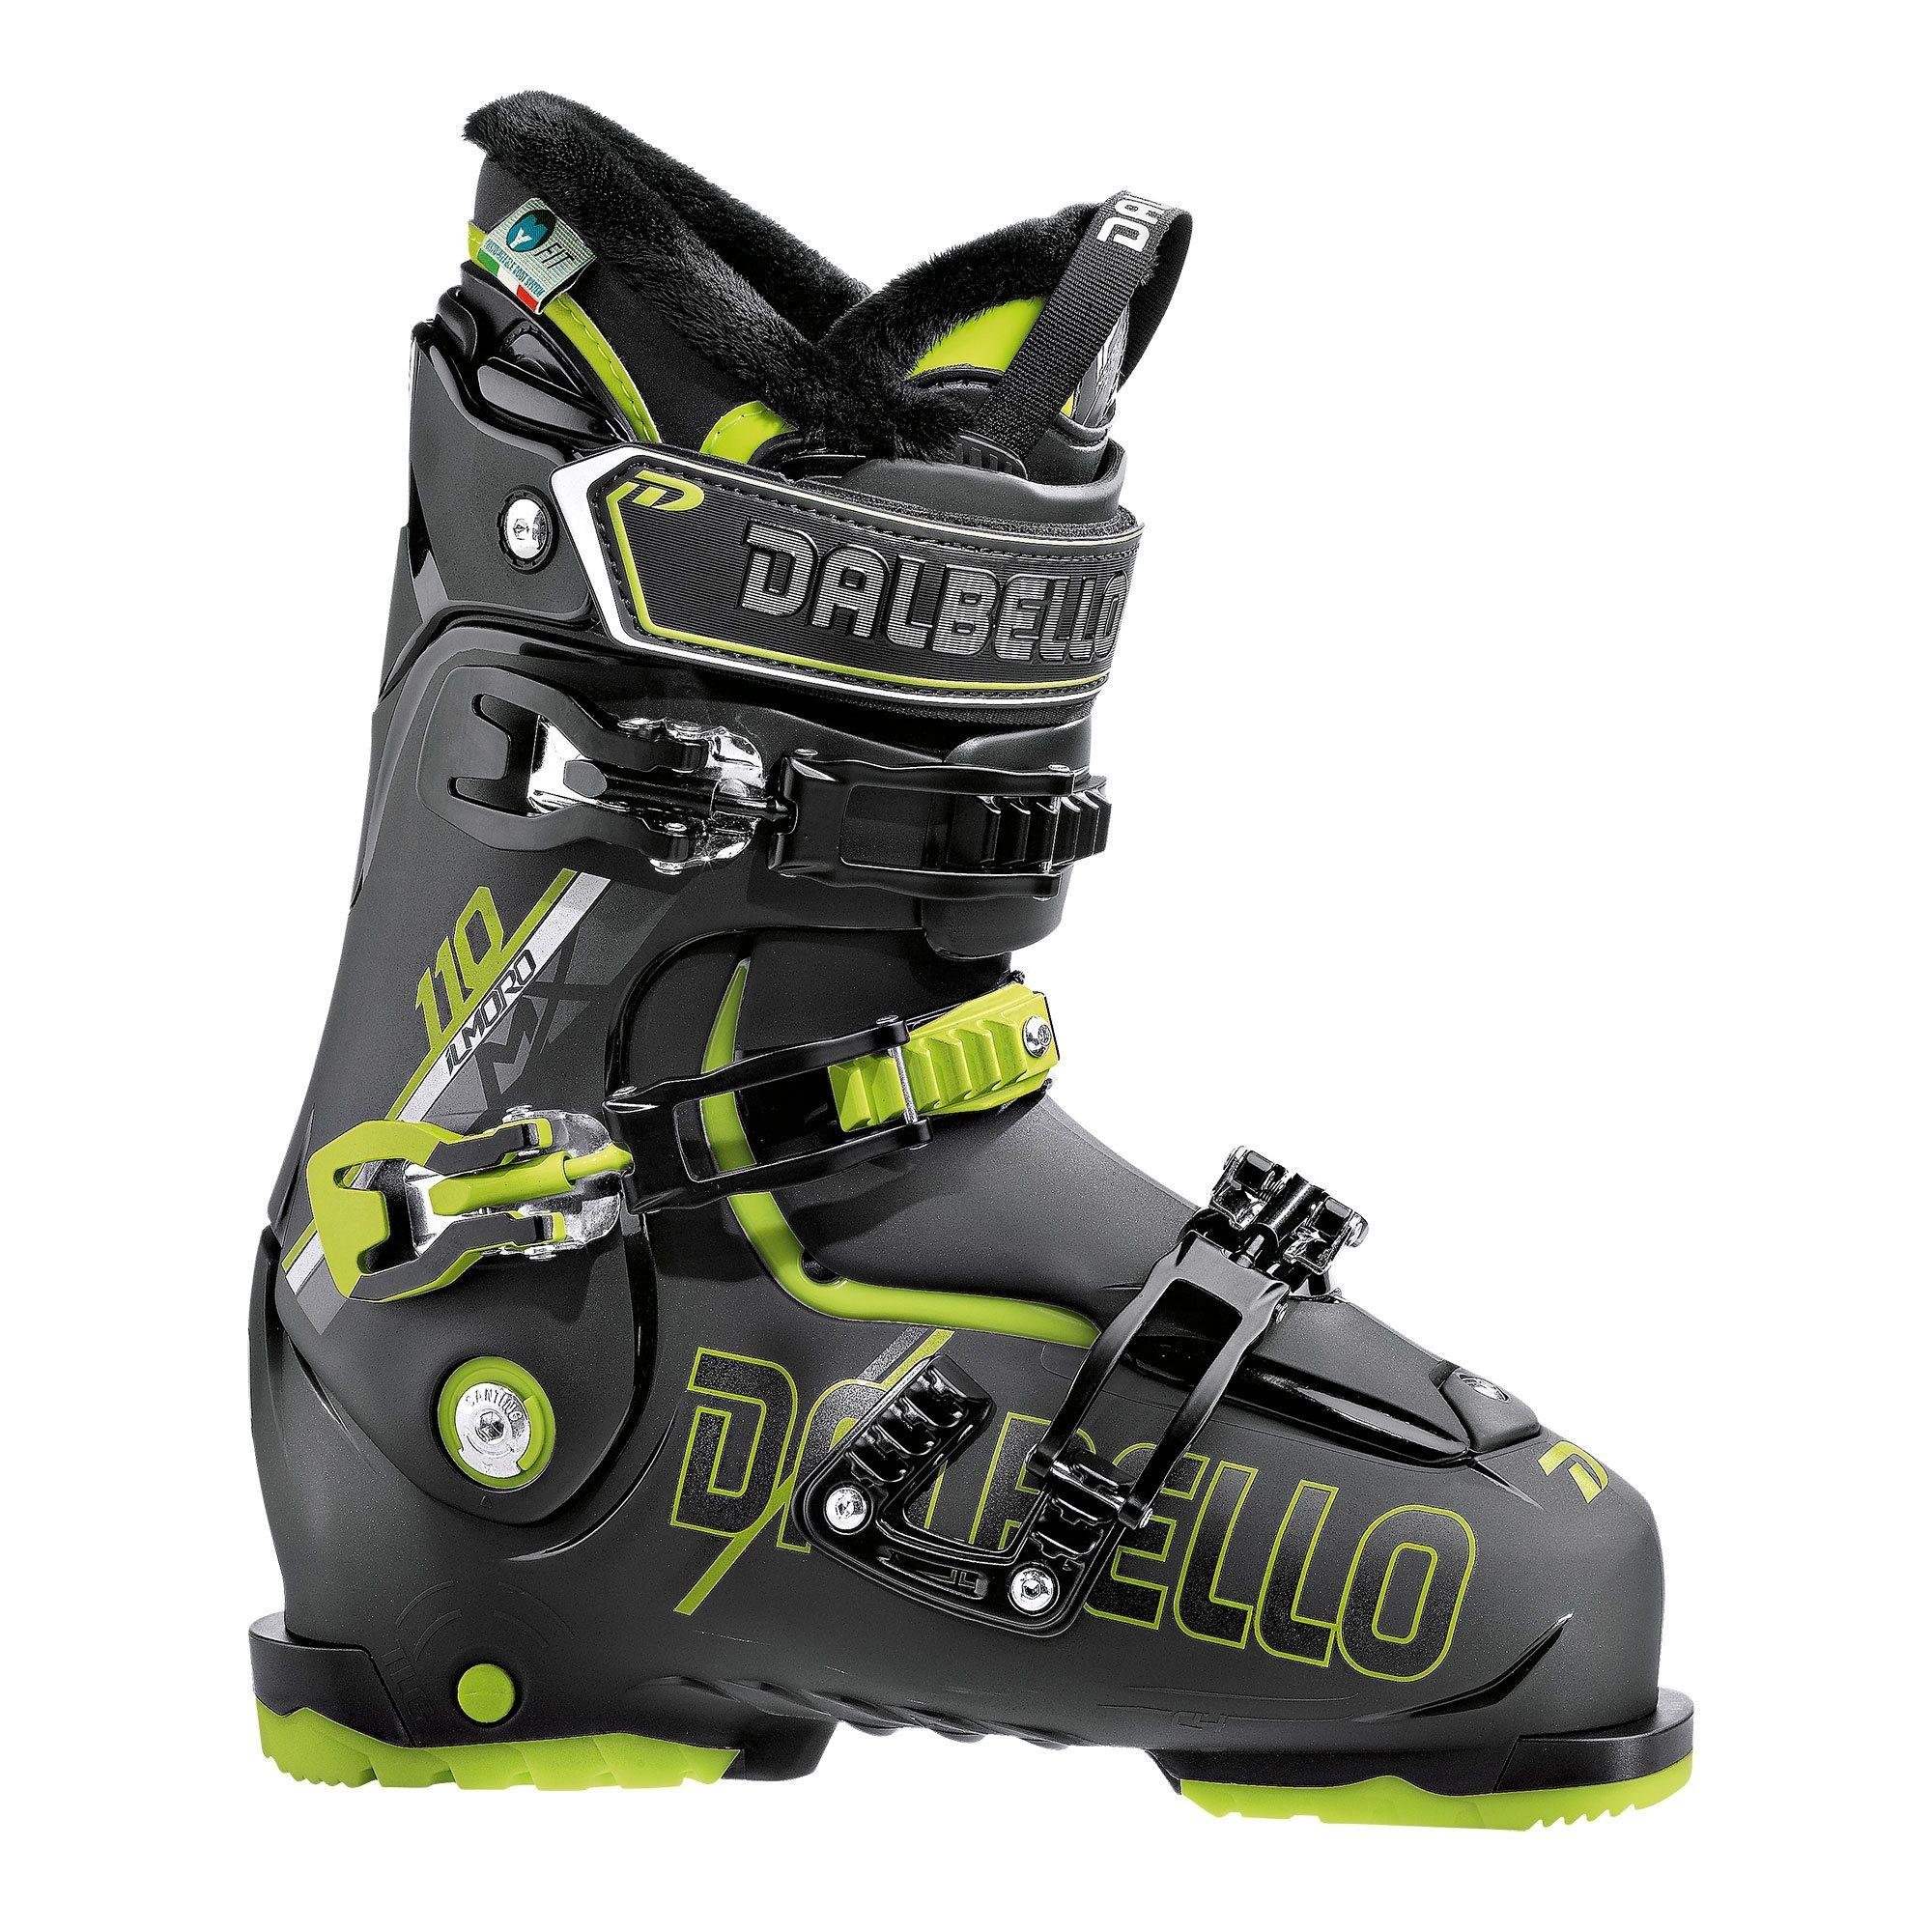 Dalbello IL Moro MX 110 Ski Boot Black 2018